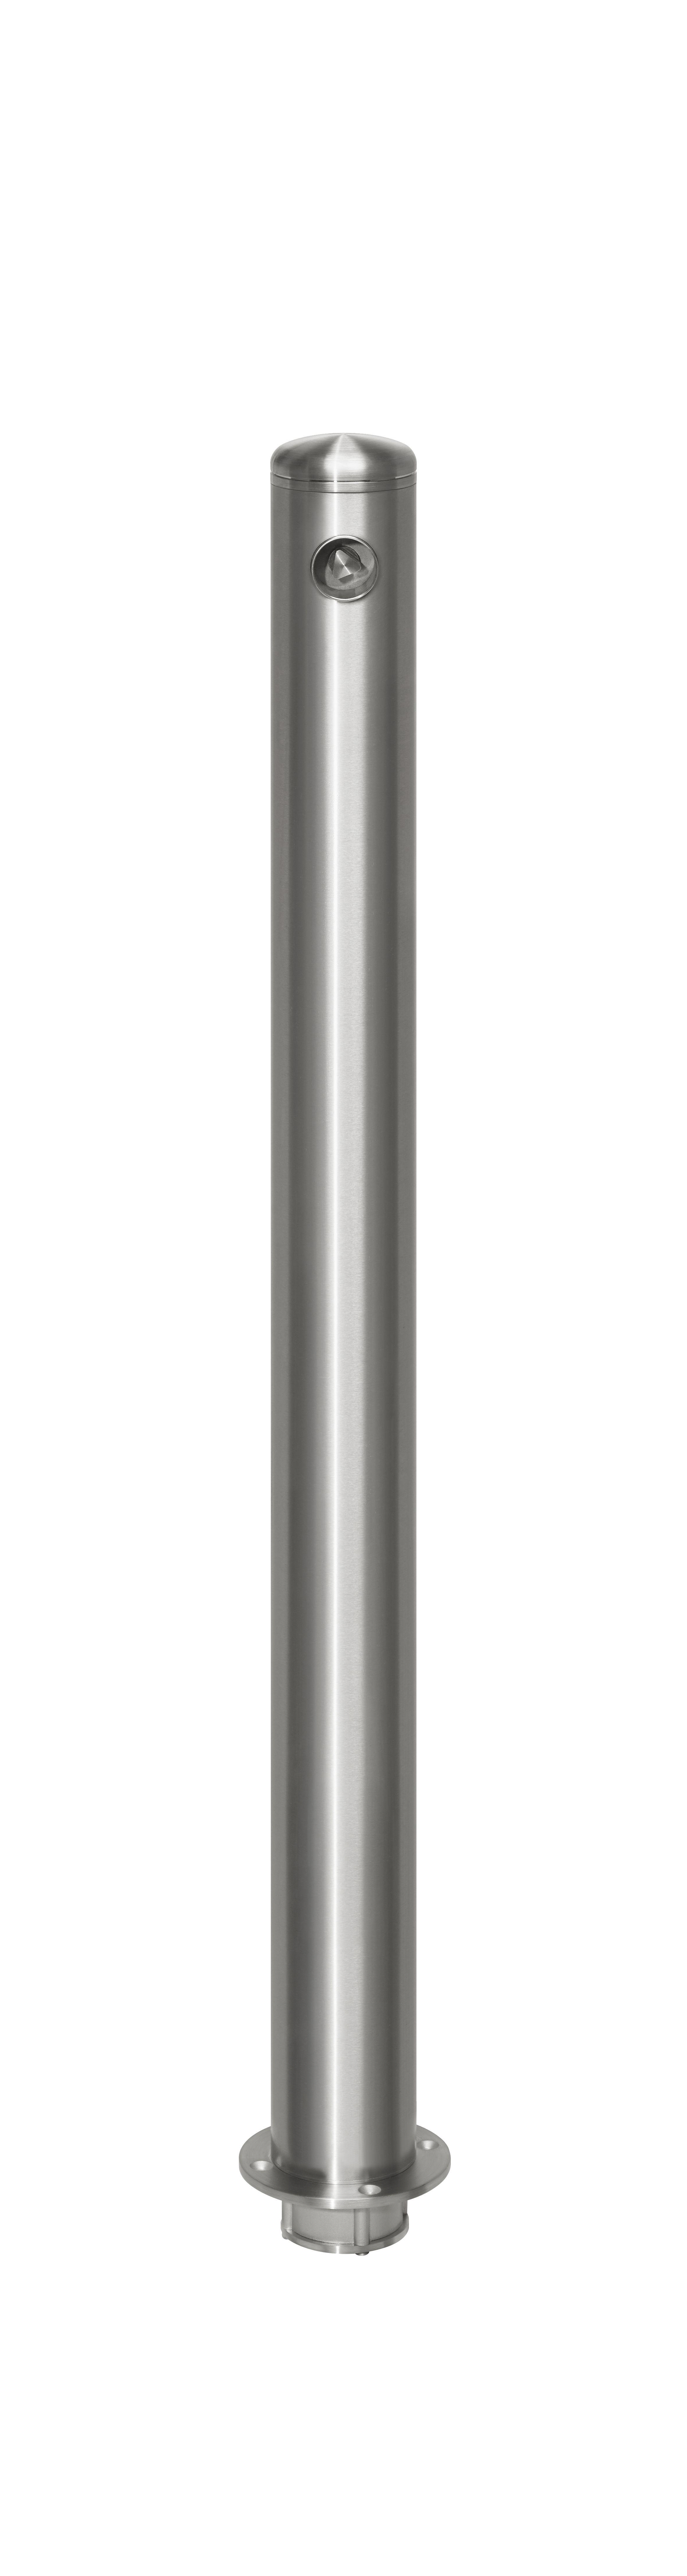 Absperrpfosten Ø 76 mm Edelstahl Easy-Twist